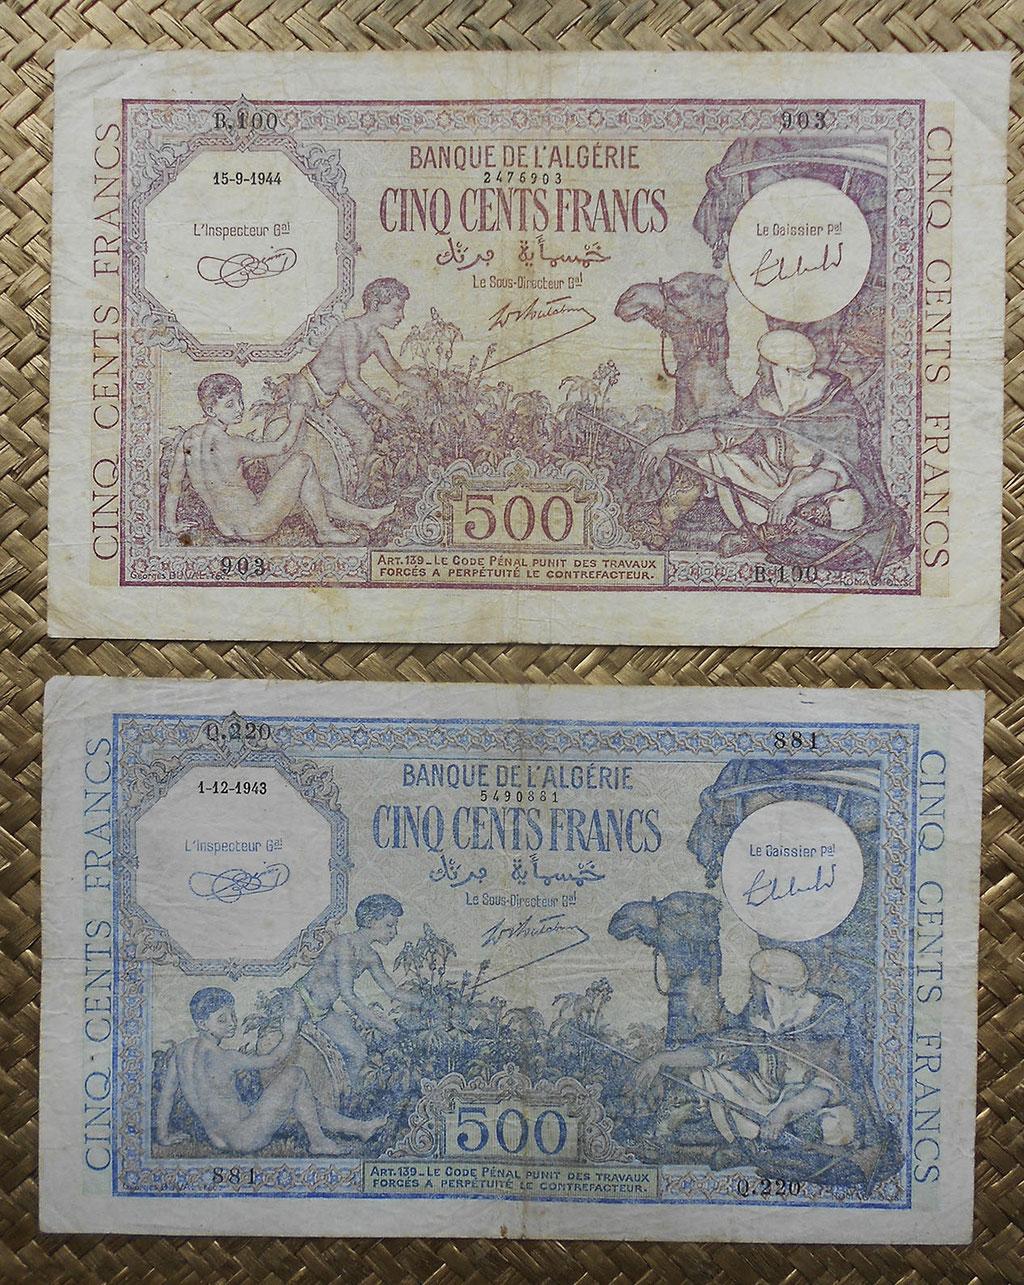 Argelia colonial 500 francos 1944 vs. 1943 -Alegorias anversos